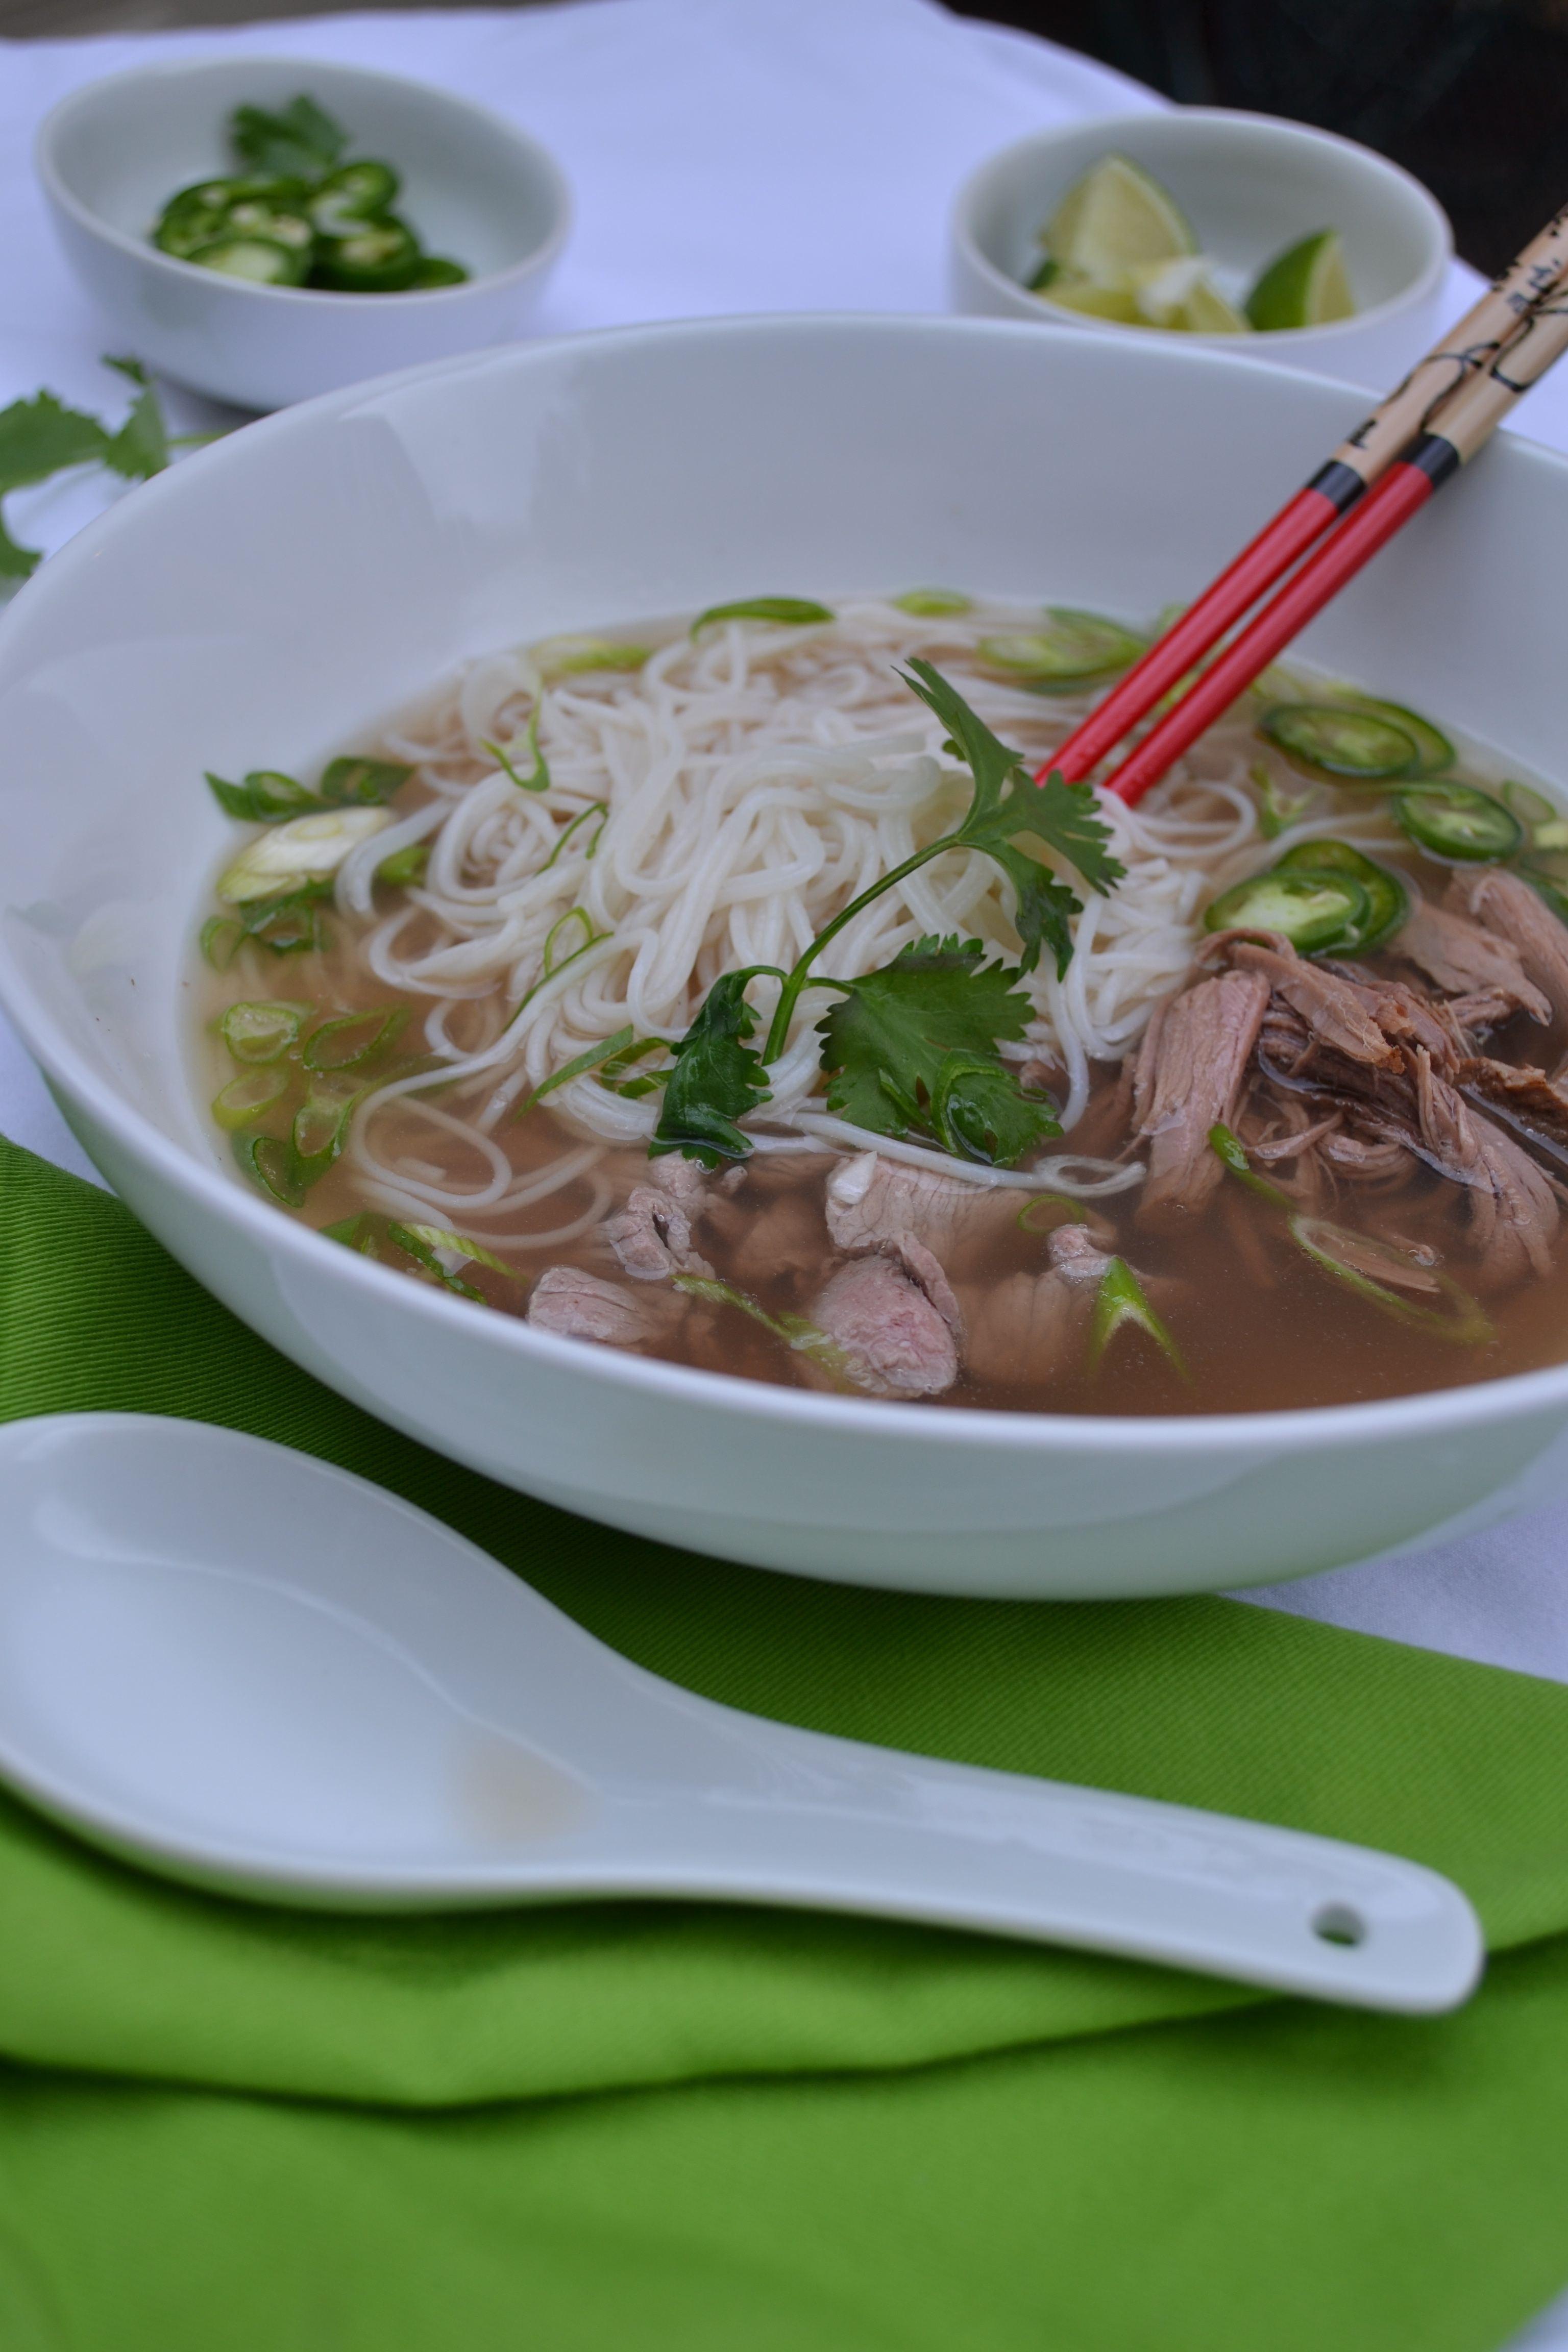 Slow Cooker Vietnamese Beef Pho – Minced